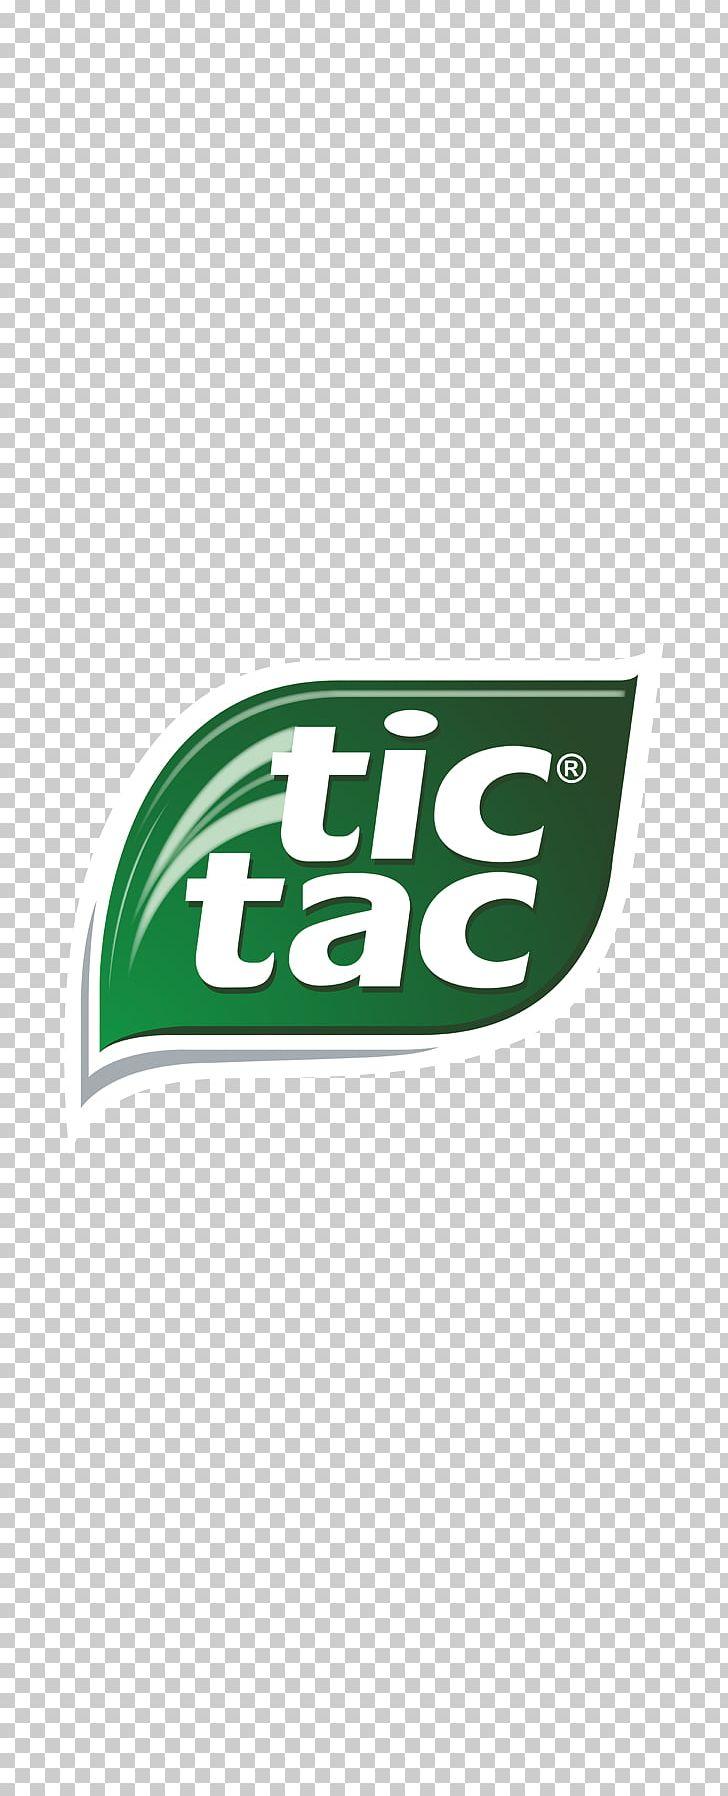 Ferrero Rocher Tic Tac Ferrero SpA Kinder Chocolate Graphic.